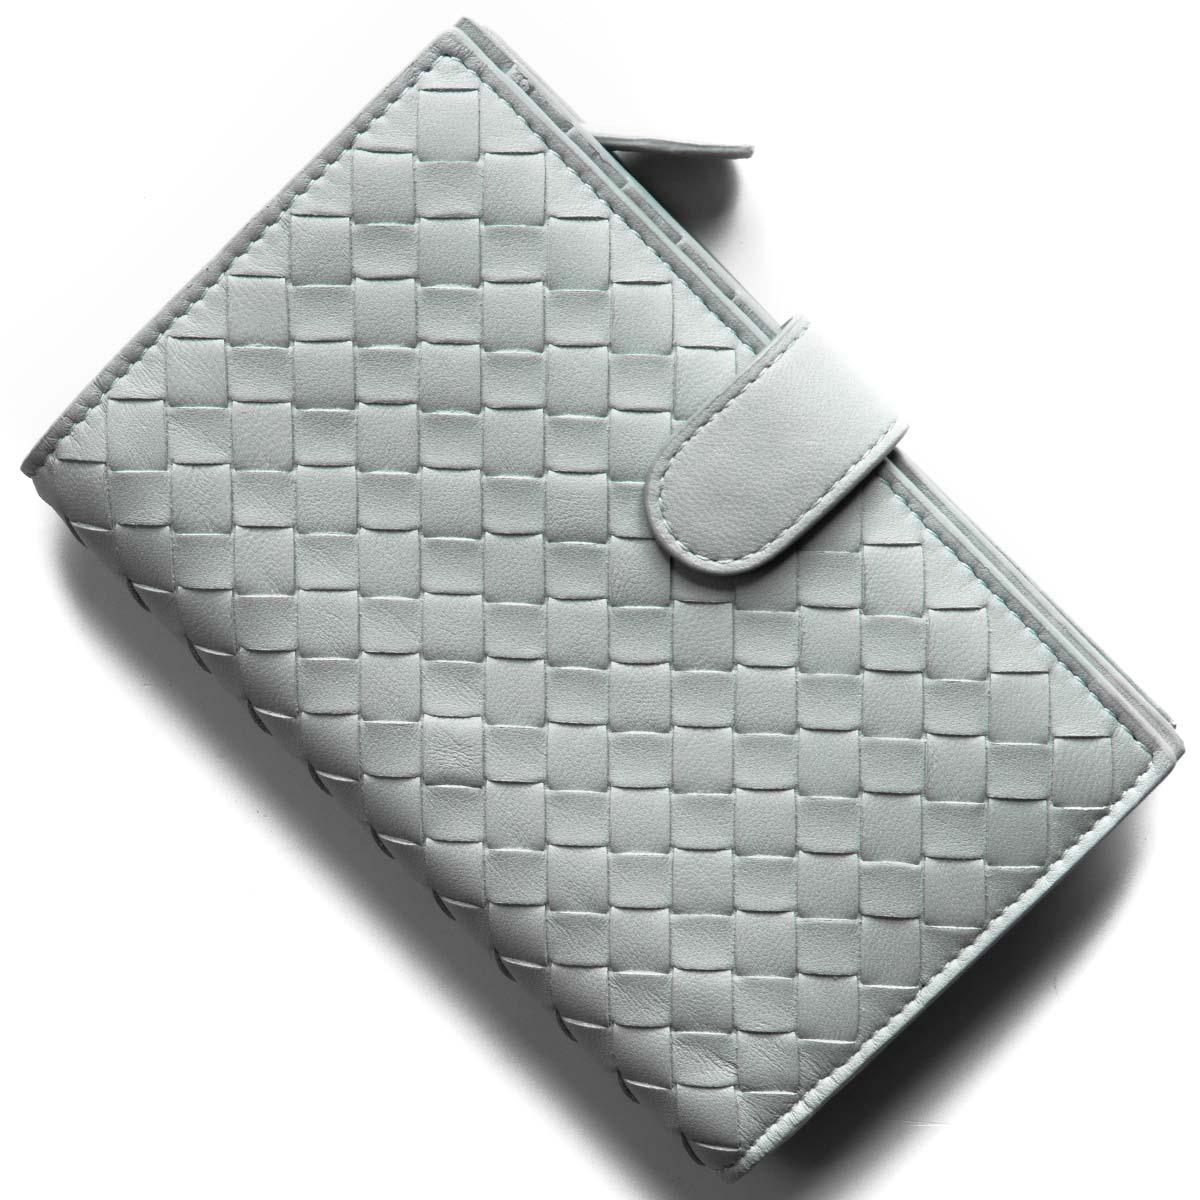 new concept 1c0cf d51bd ボッテガヴェネタ (ボッテガ・ヴェネタ) 二つ折り財布 財布 レディース イントレチャート ナッパ アンティークブルー 121060 V001N  4916 BOTTEGA VENETA